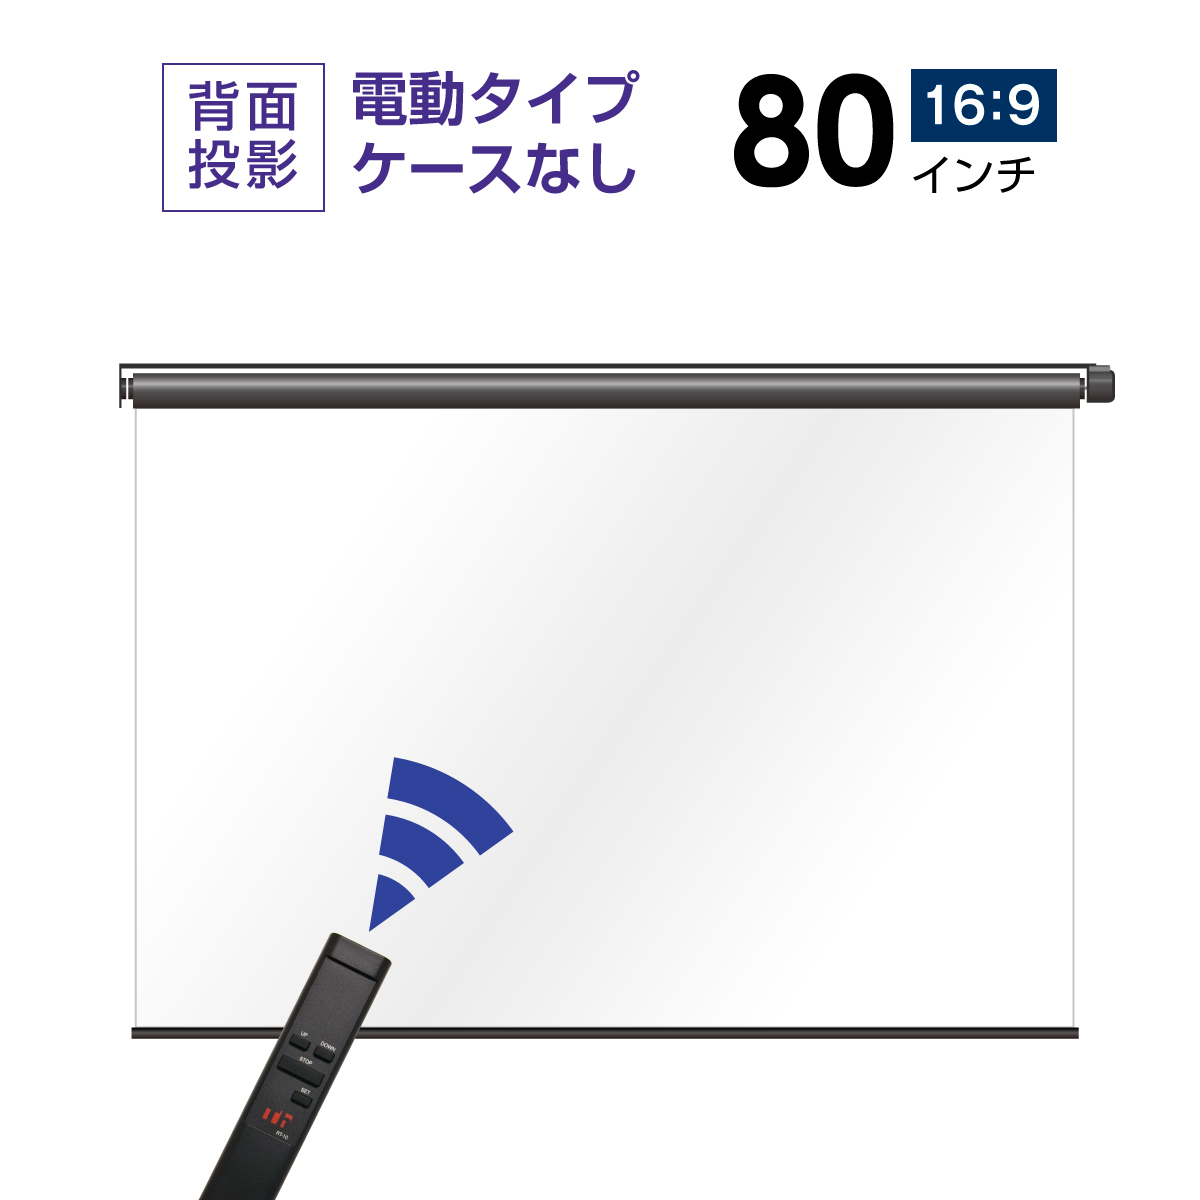 プロジェクタースクリーン マスクフリー BDR1780FTS シアターハウス 電動スクリーン ケースなし リア投影タイプ 80インチ(16:9)